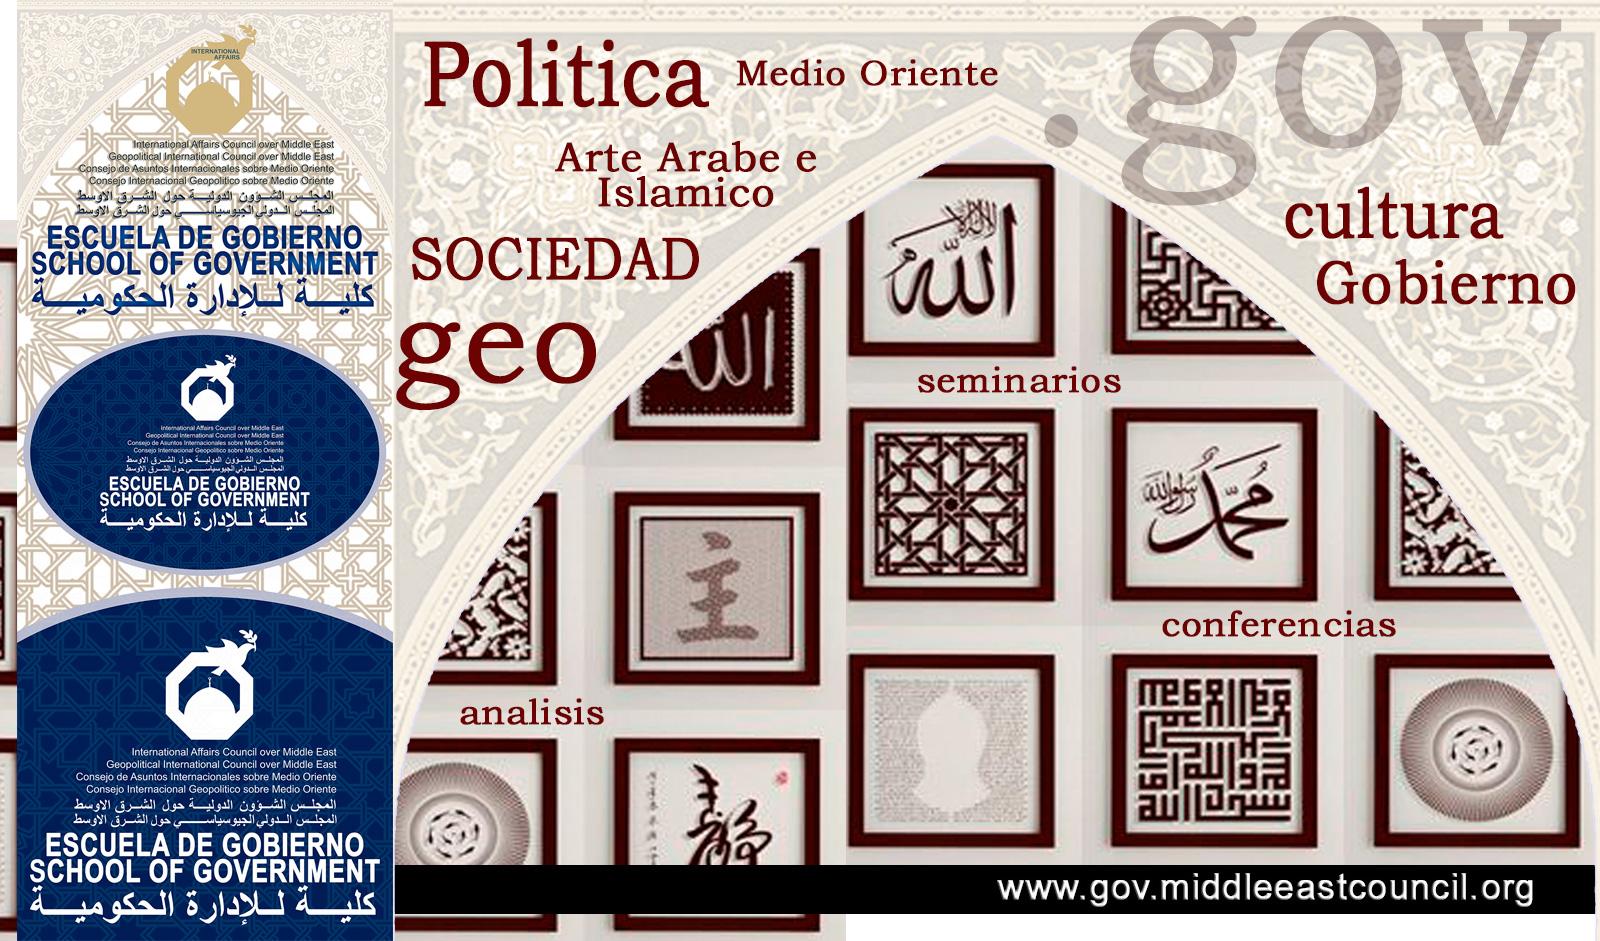 Escuela de Gobierno del Consejo Internacional Geopolitico sobre Medio Oriente-School of Government